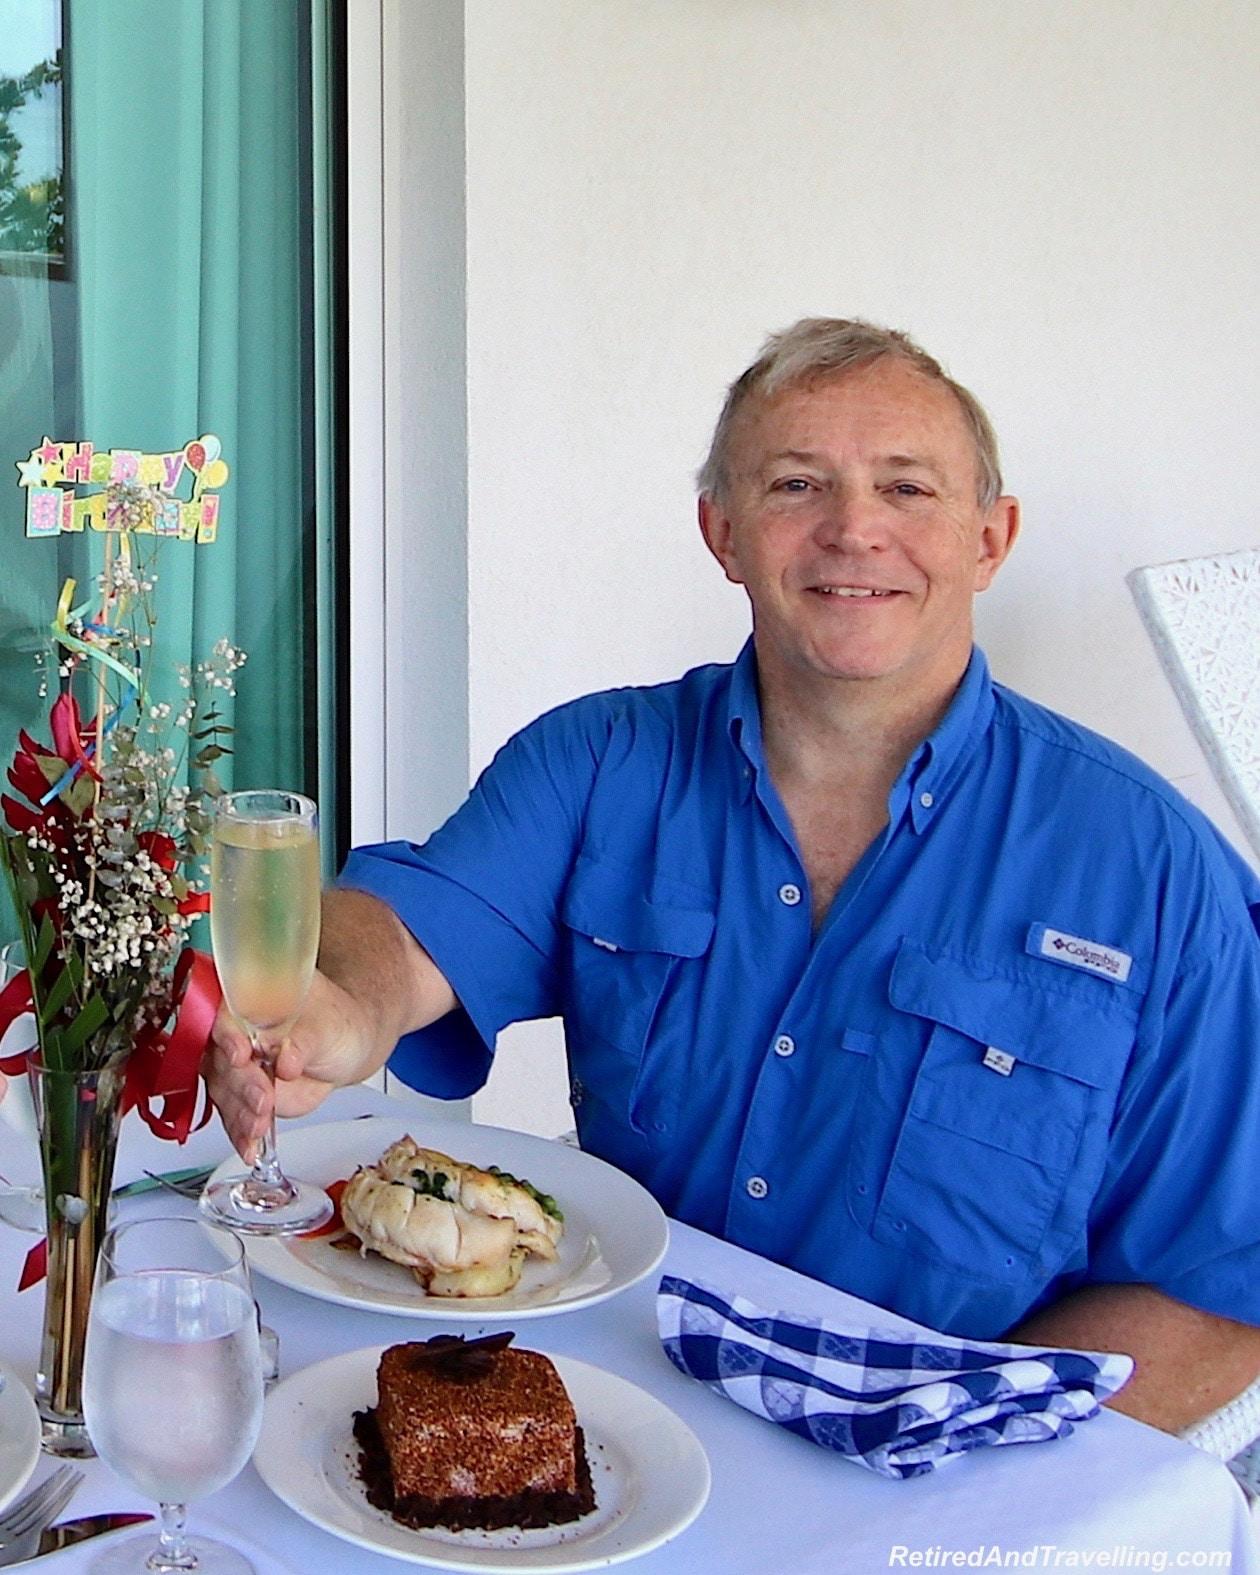 Sandals Regency La Toc Birthday Celebration - A Week In St. Lucia.jpg